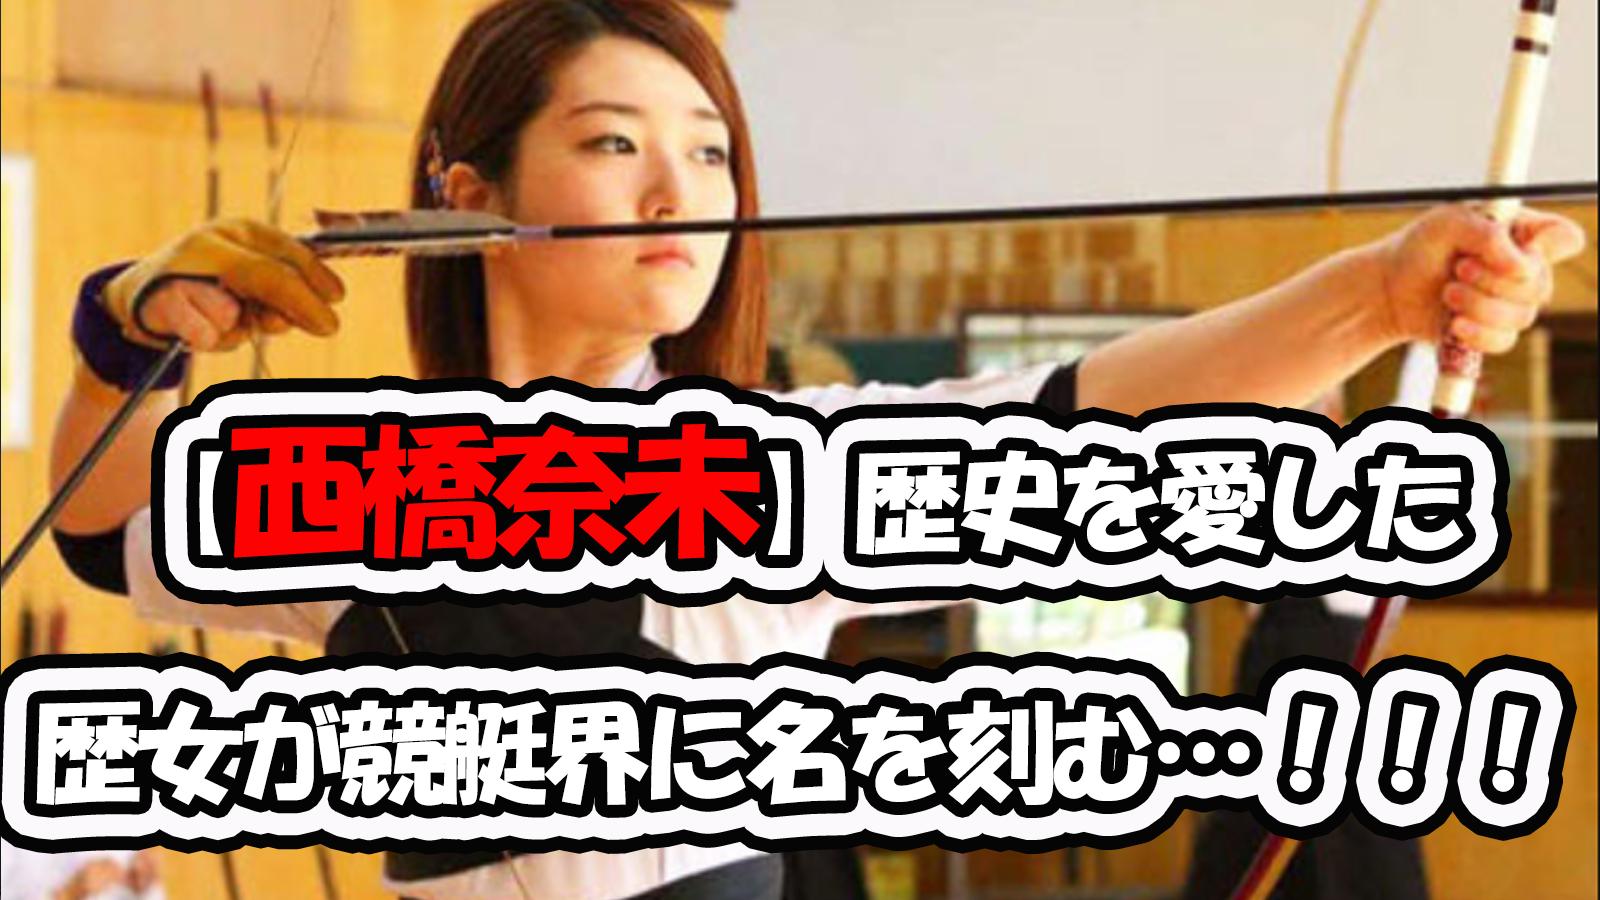 西橋奈未選手のトップ画面